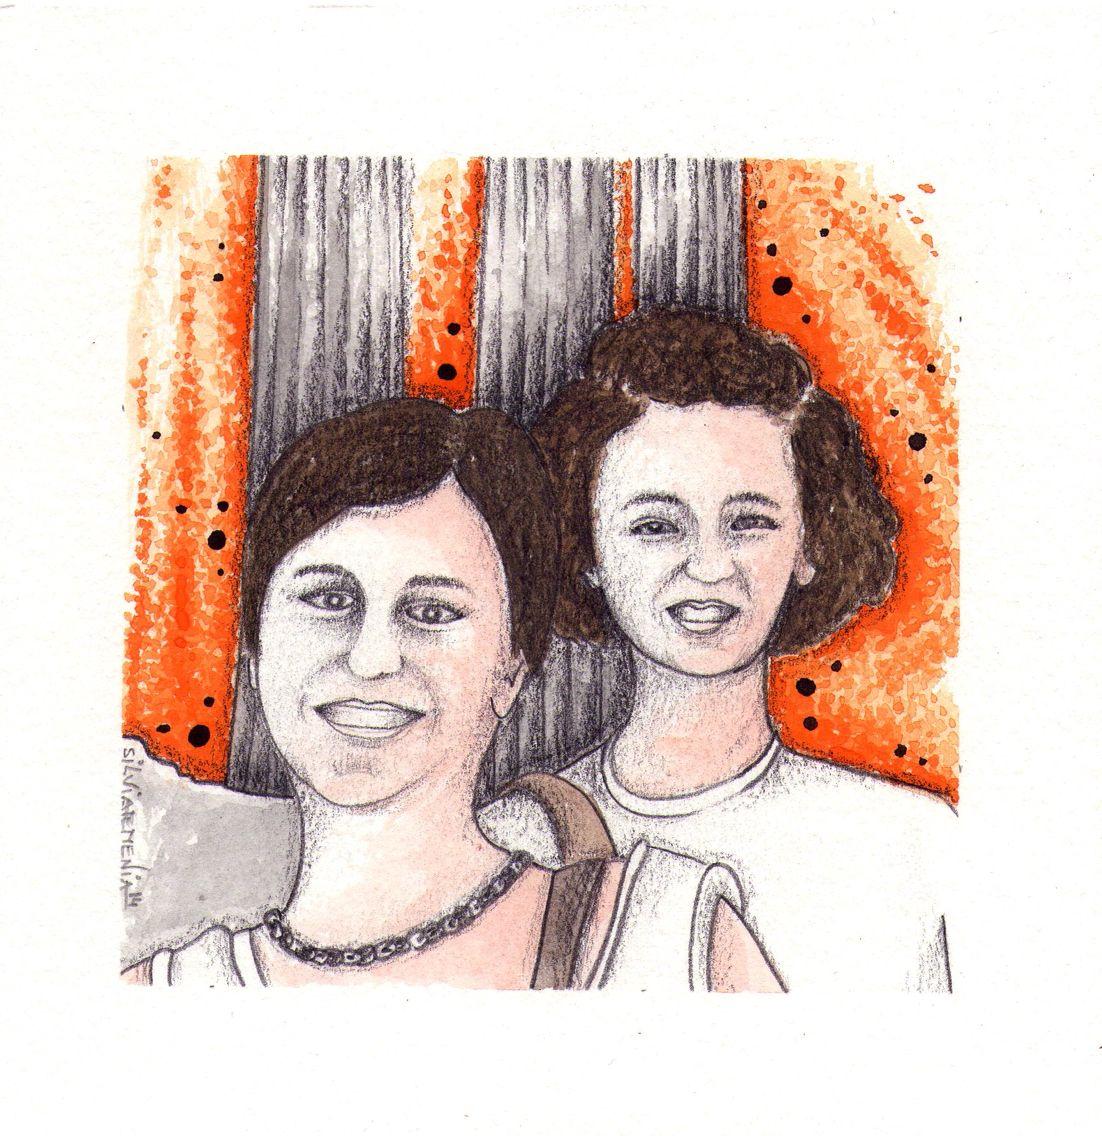 UN VIAJE MUY ESPECIAL    Han pasado 25 años desde aquel viaje tan especial que hicimos a Grecia, recuerdo que nos quedamos impresionadas al ver el Partenón dedicado a la diosa Atenea y sobre todo con la tortilla tan rara que nos sirvieron allí. Pasamos unos días maravillosos  que recuerdo con mucha ilusión.  Gracias por acompañarme, por estar siempre a mi lado y por quererme.  Dedicada a mi tía y amiga  Mavi,  por ser tan importante para mi. De Maite.